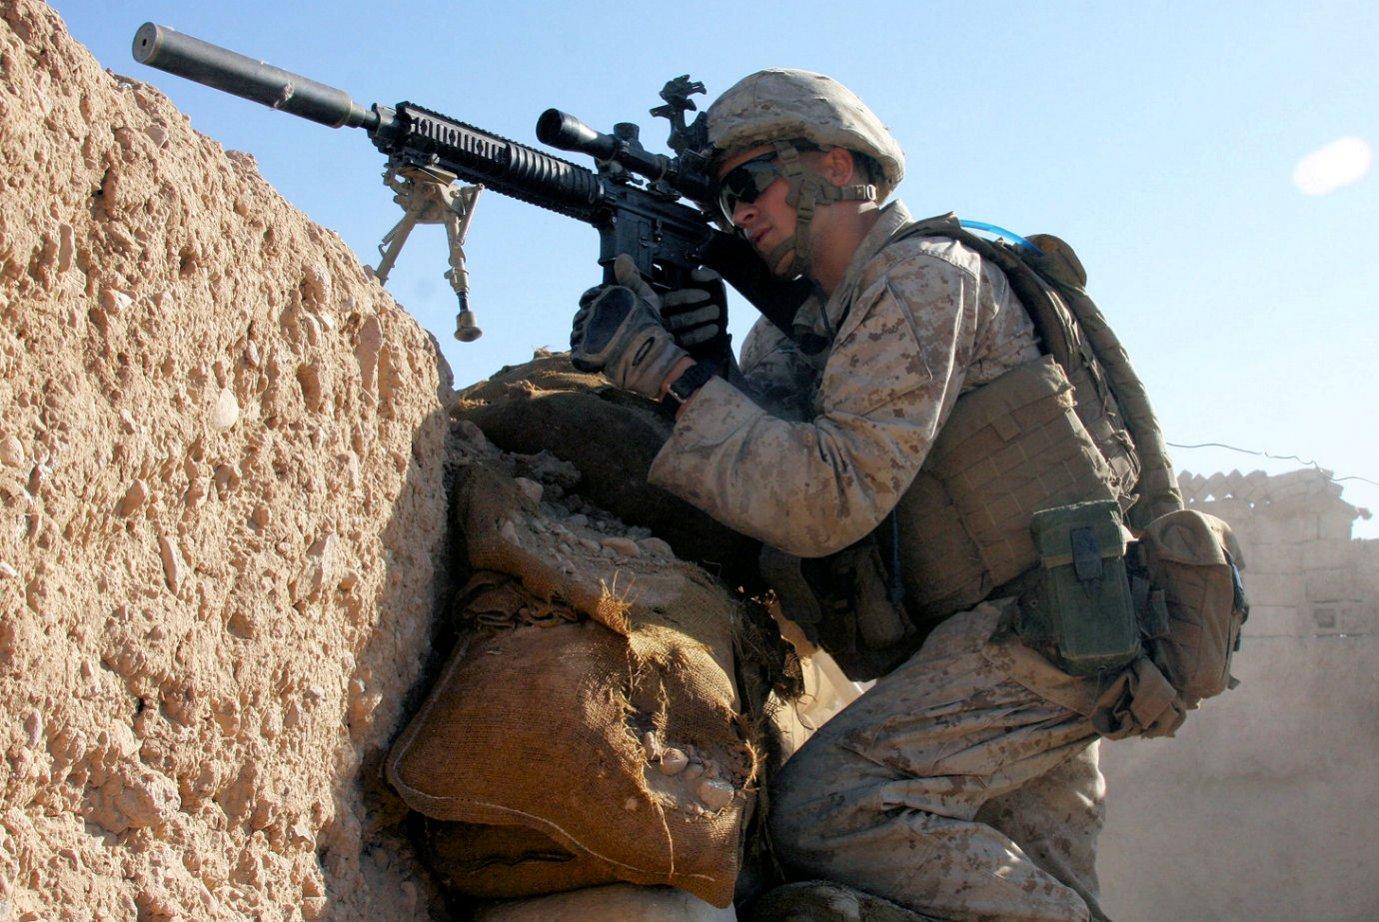 Click image for larger version.  Name:Lance Cpl Steven J Zandstra Nov 1 2010 Sangin Afghanistan.jpg Views:86 Size:274.2 KB ID:448554